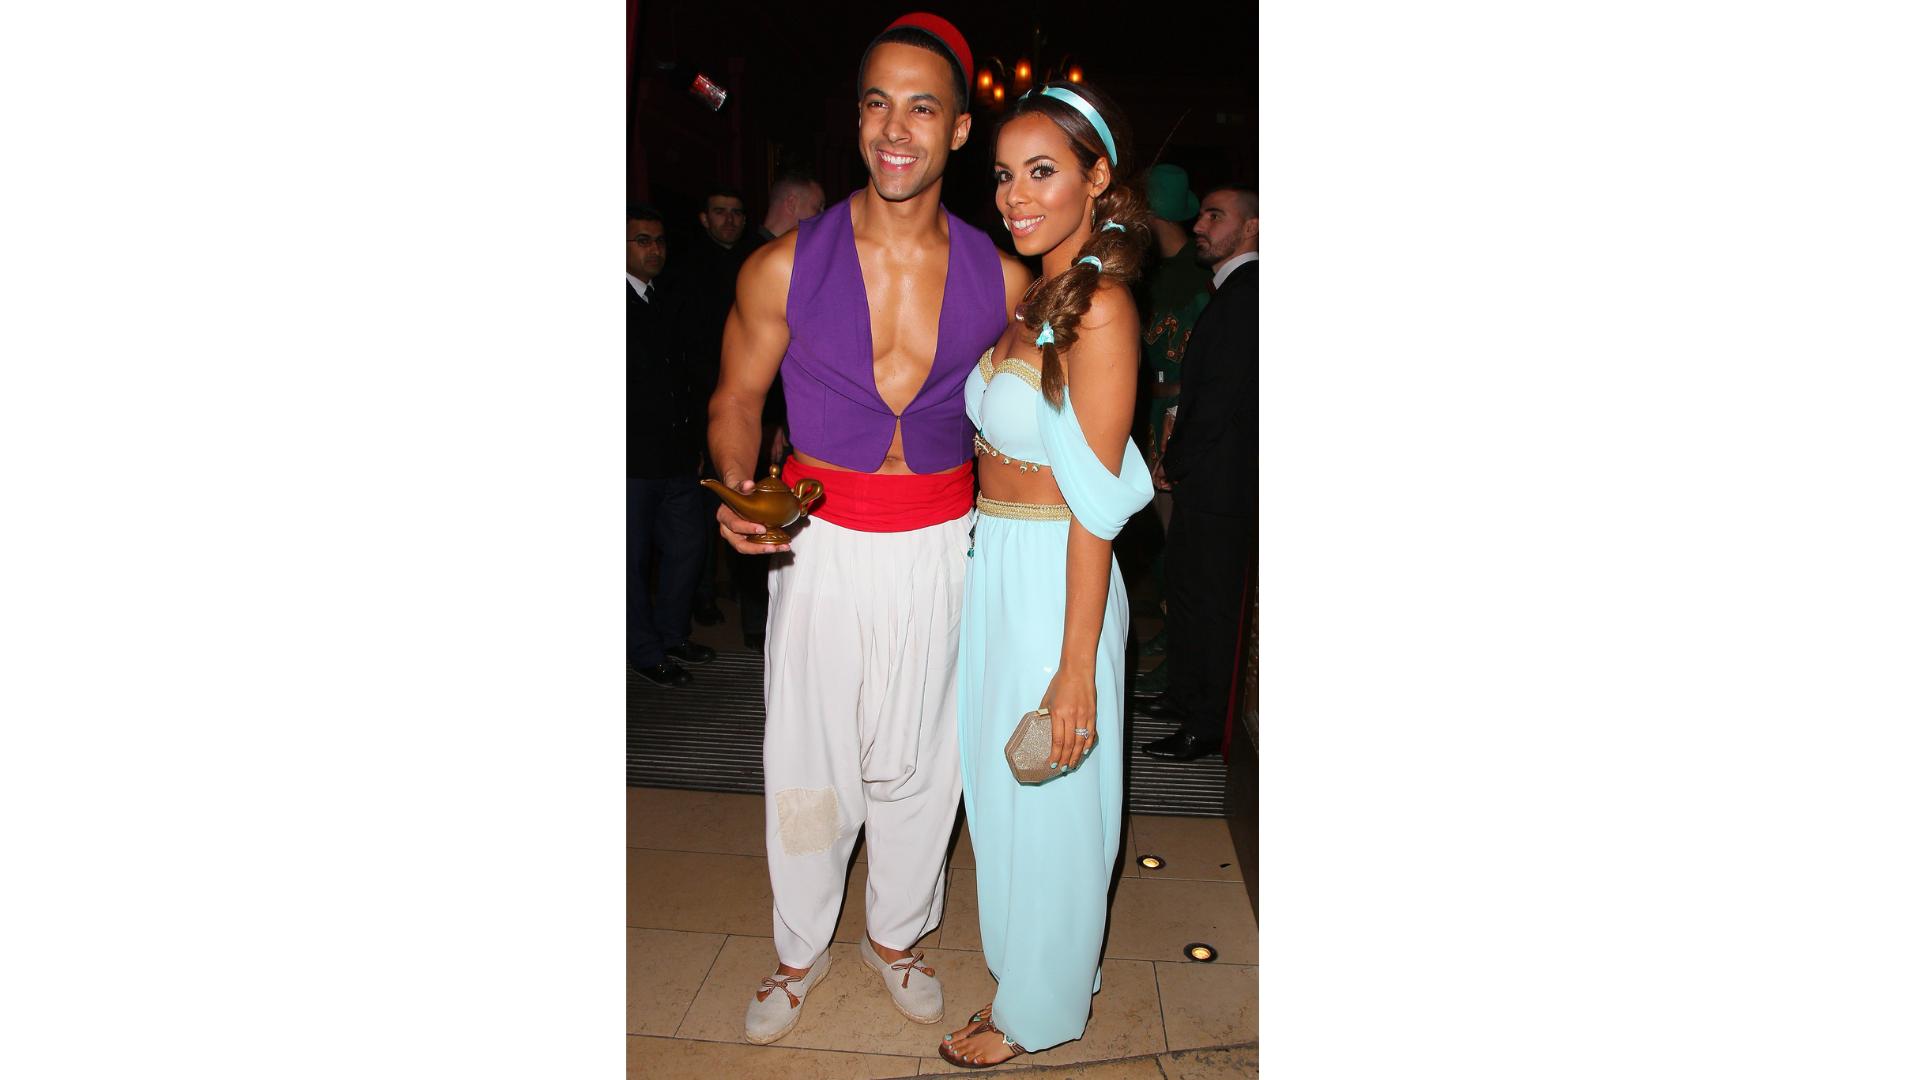 Marvin et Rochelle Humes en tant que Princesse Jasmine et Aladdin.